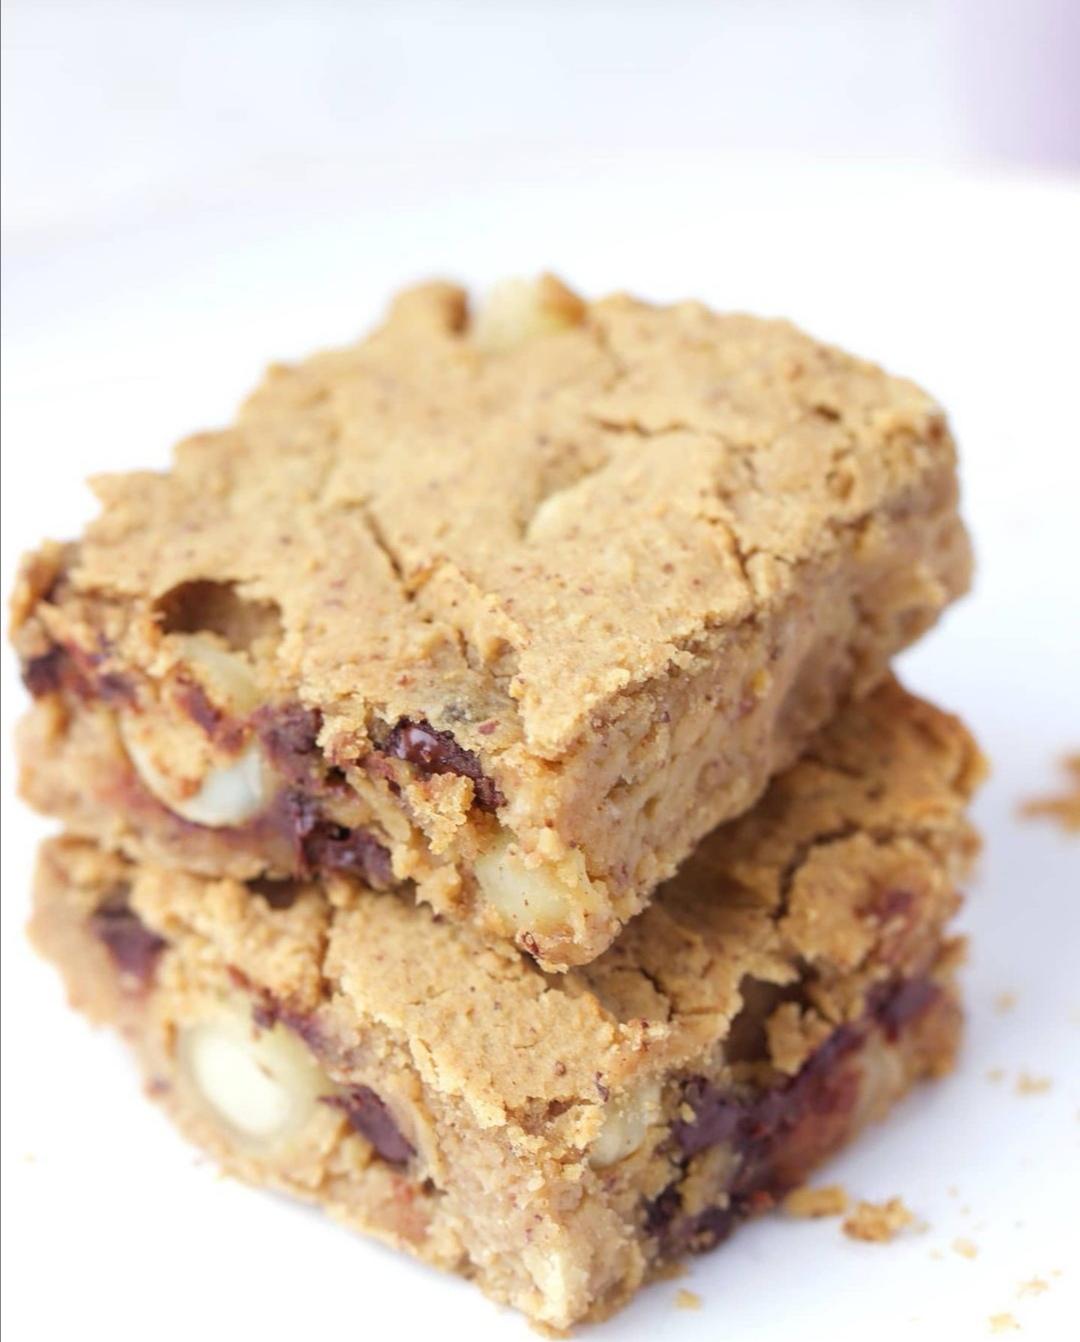 Blondie au beurre de cacahuète (vegan & sans gluten)